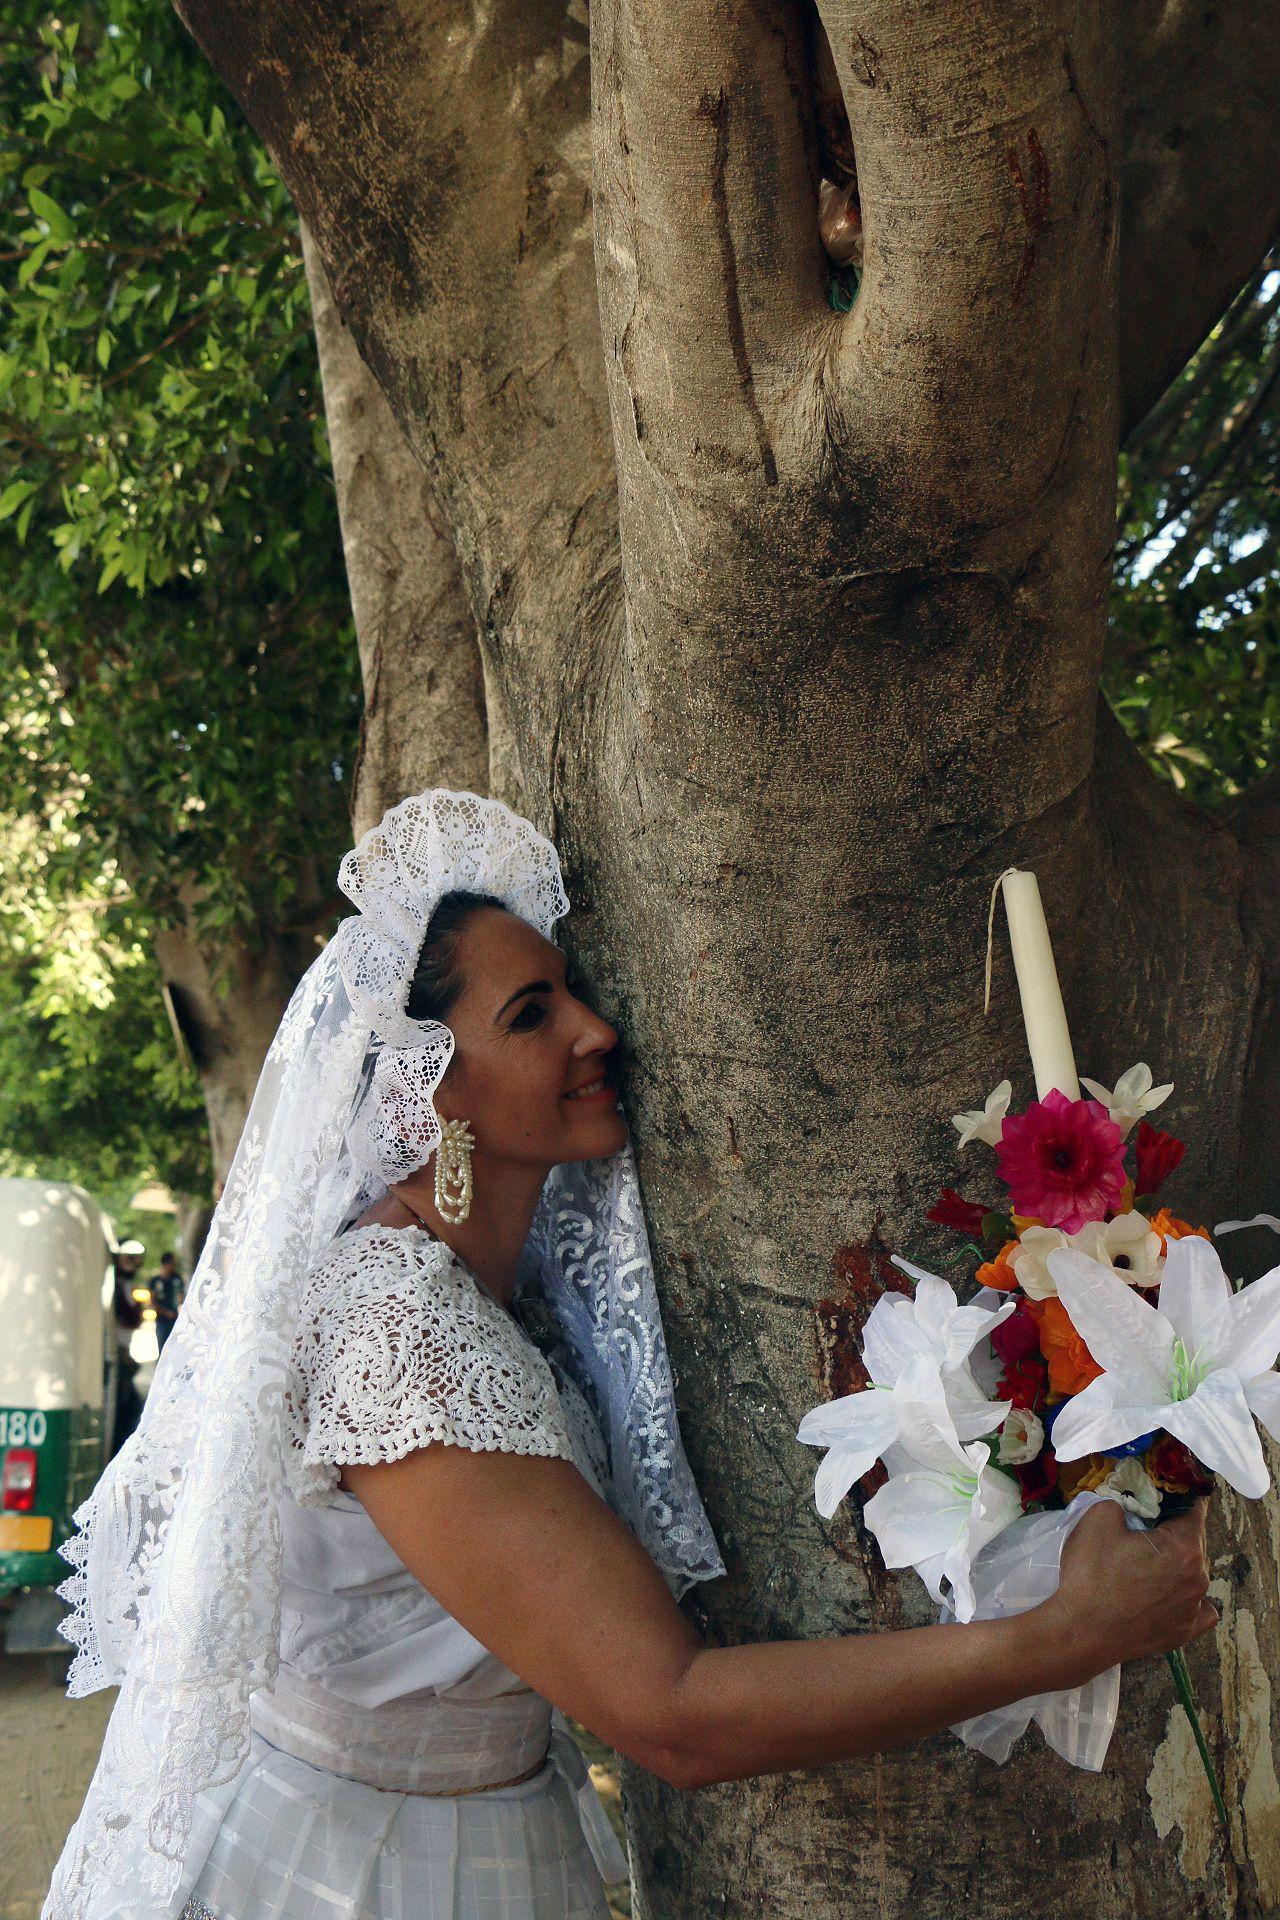 عناق الاشجار في المكسيك